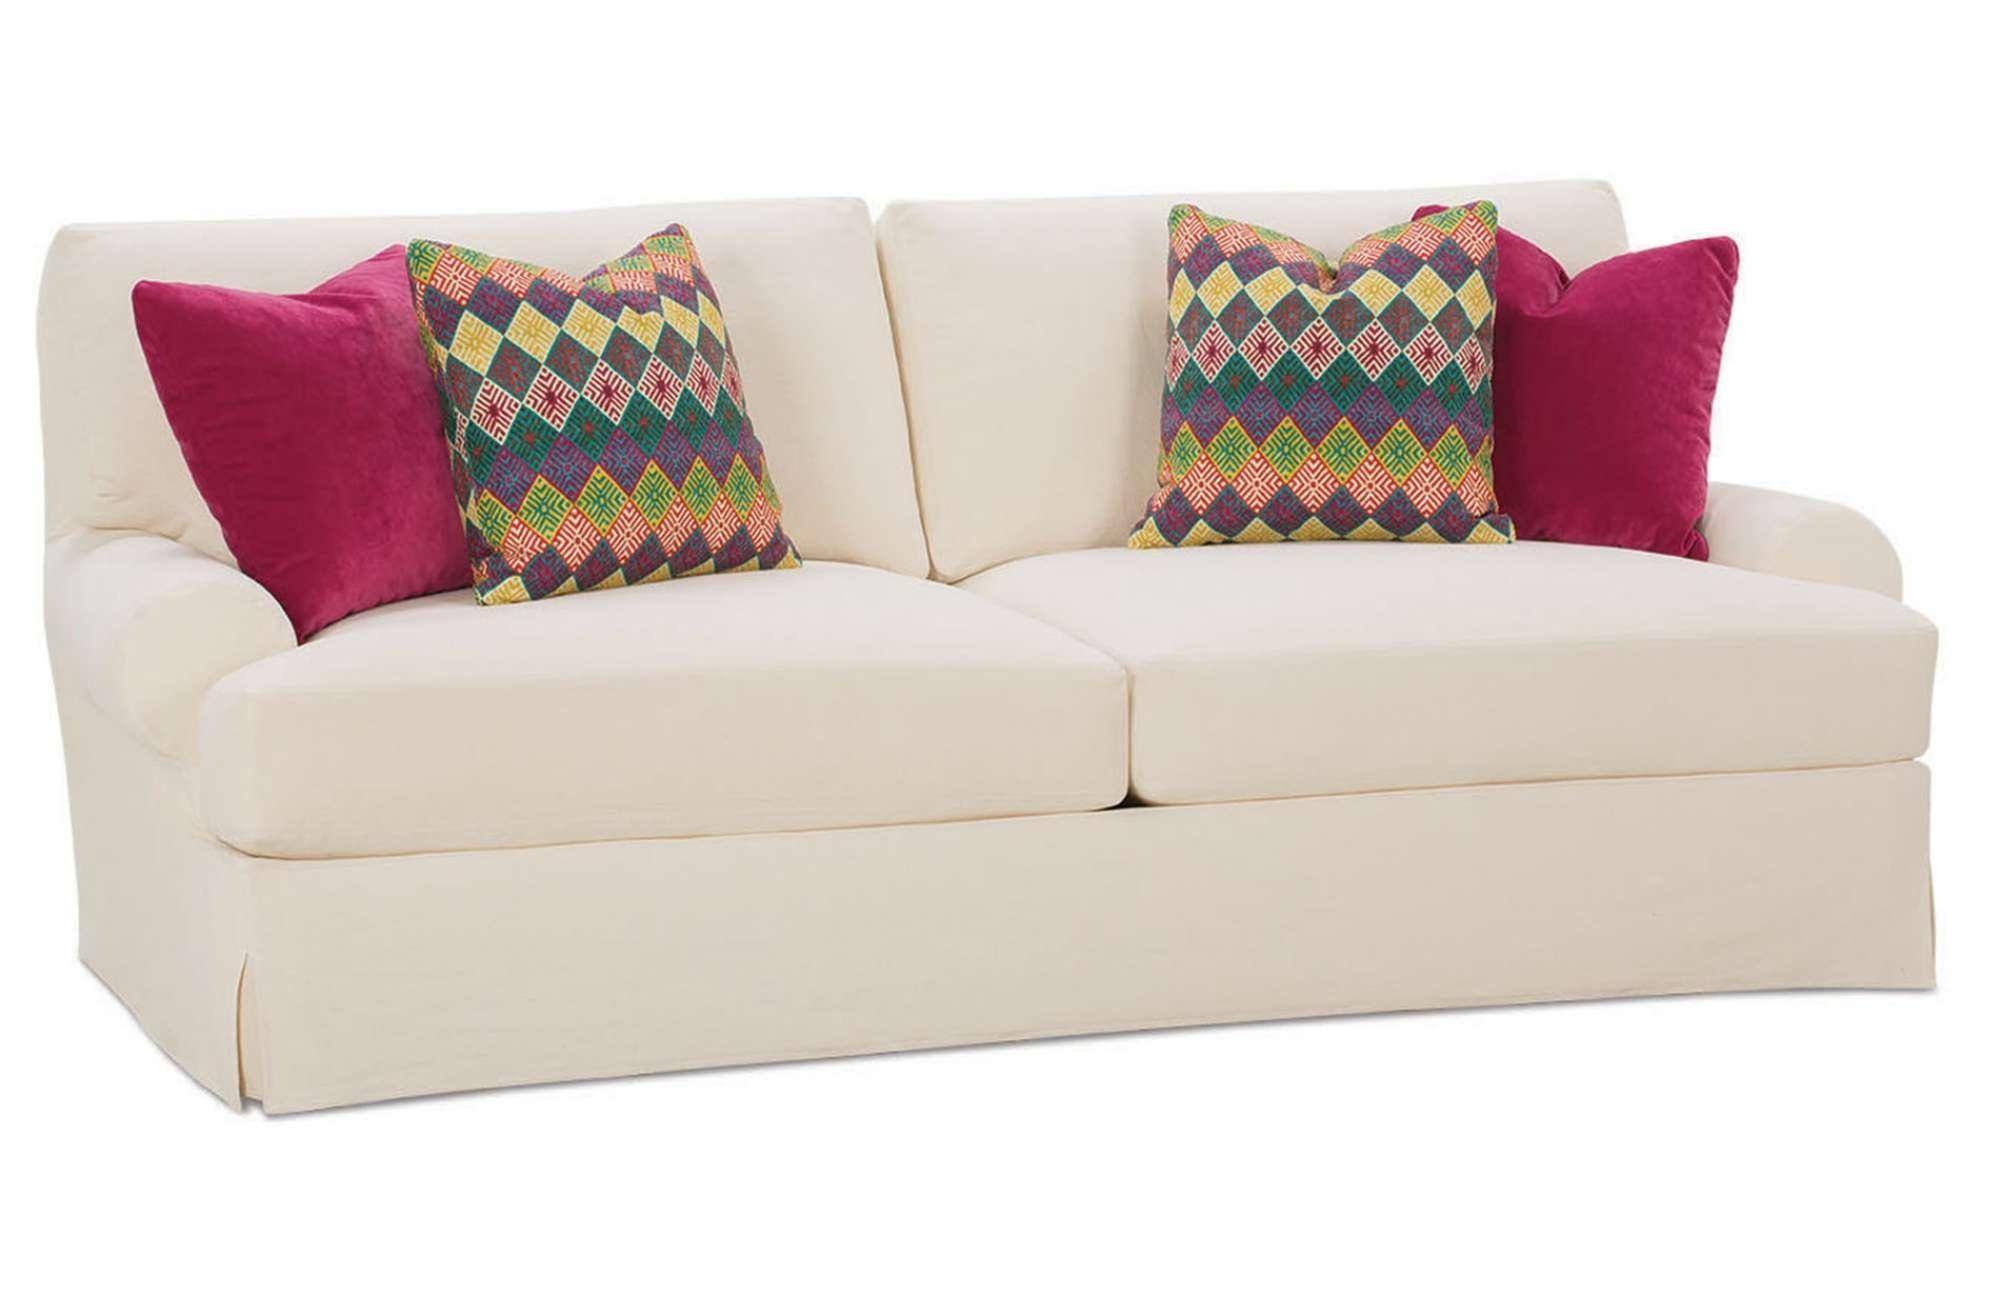 Furniture: Slipcover For Camelback Sofa | Linen Sofa Slipcover Within Camelback Sofa Slipcovers (Image 12 of 19)